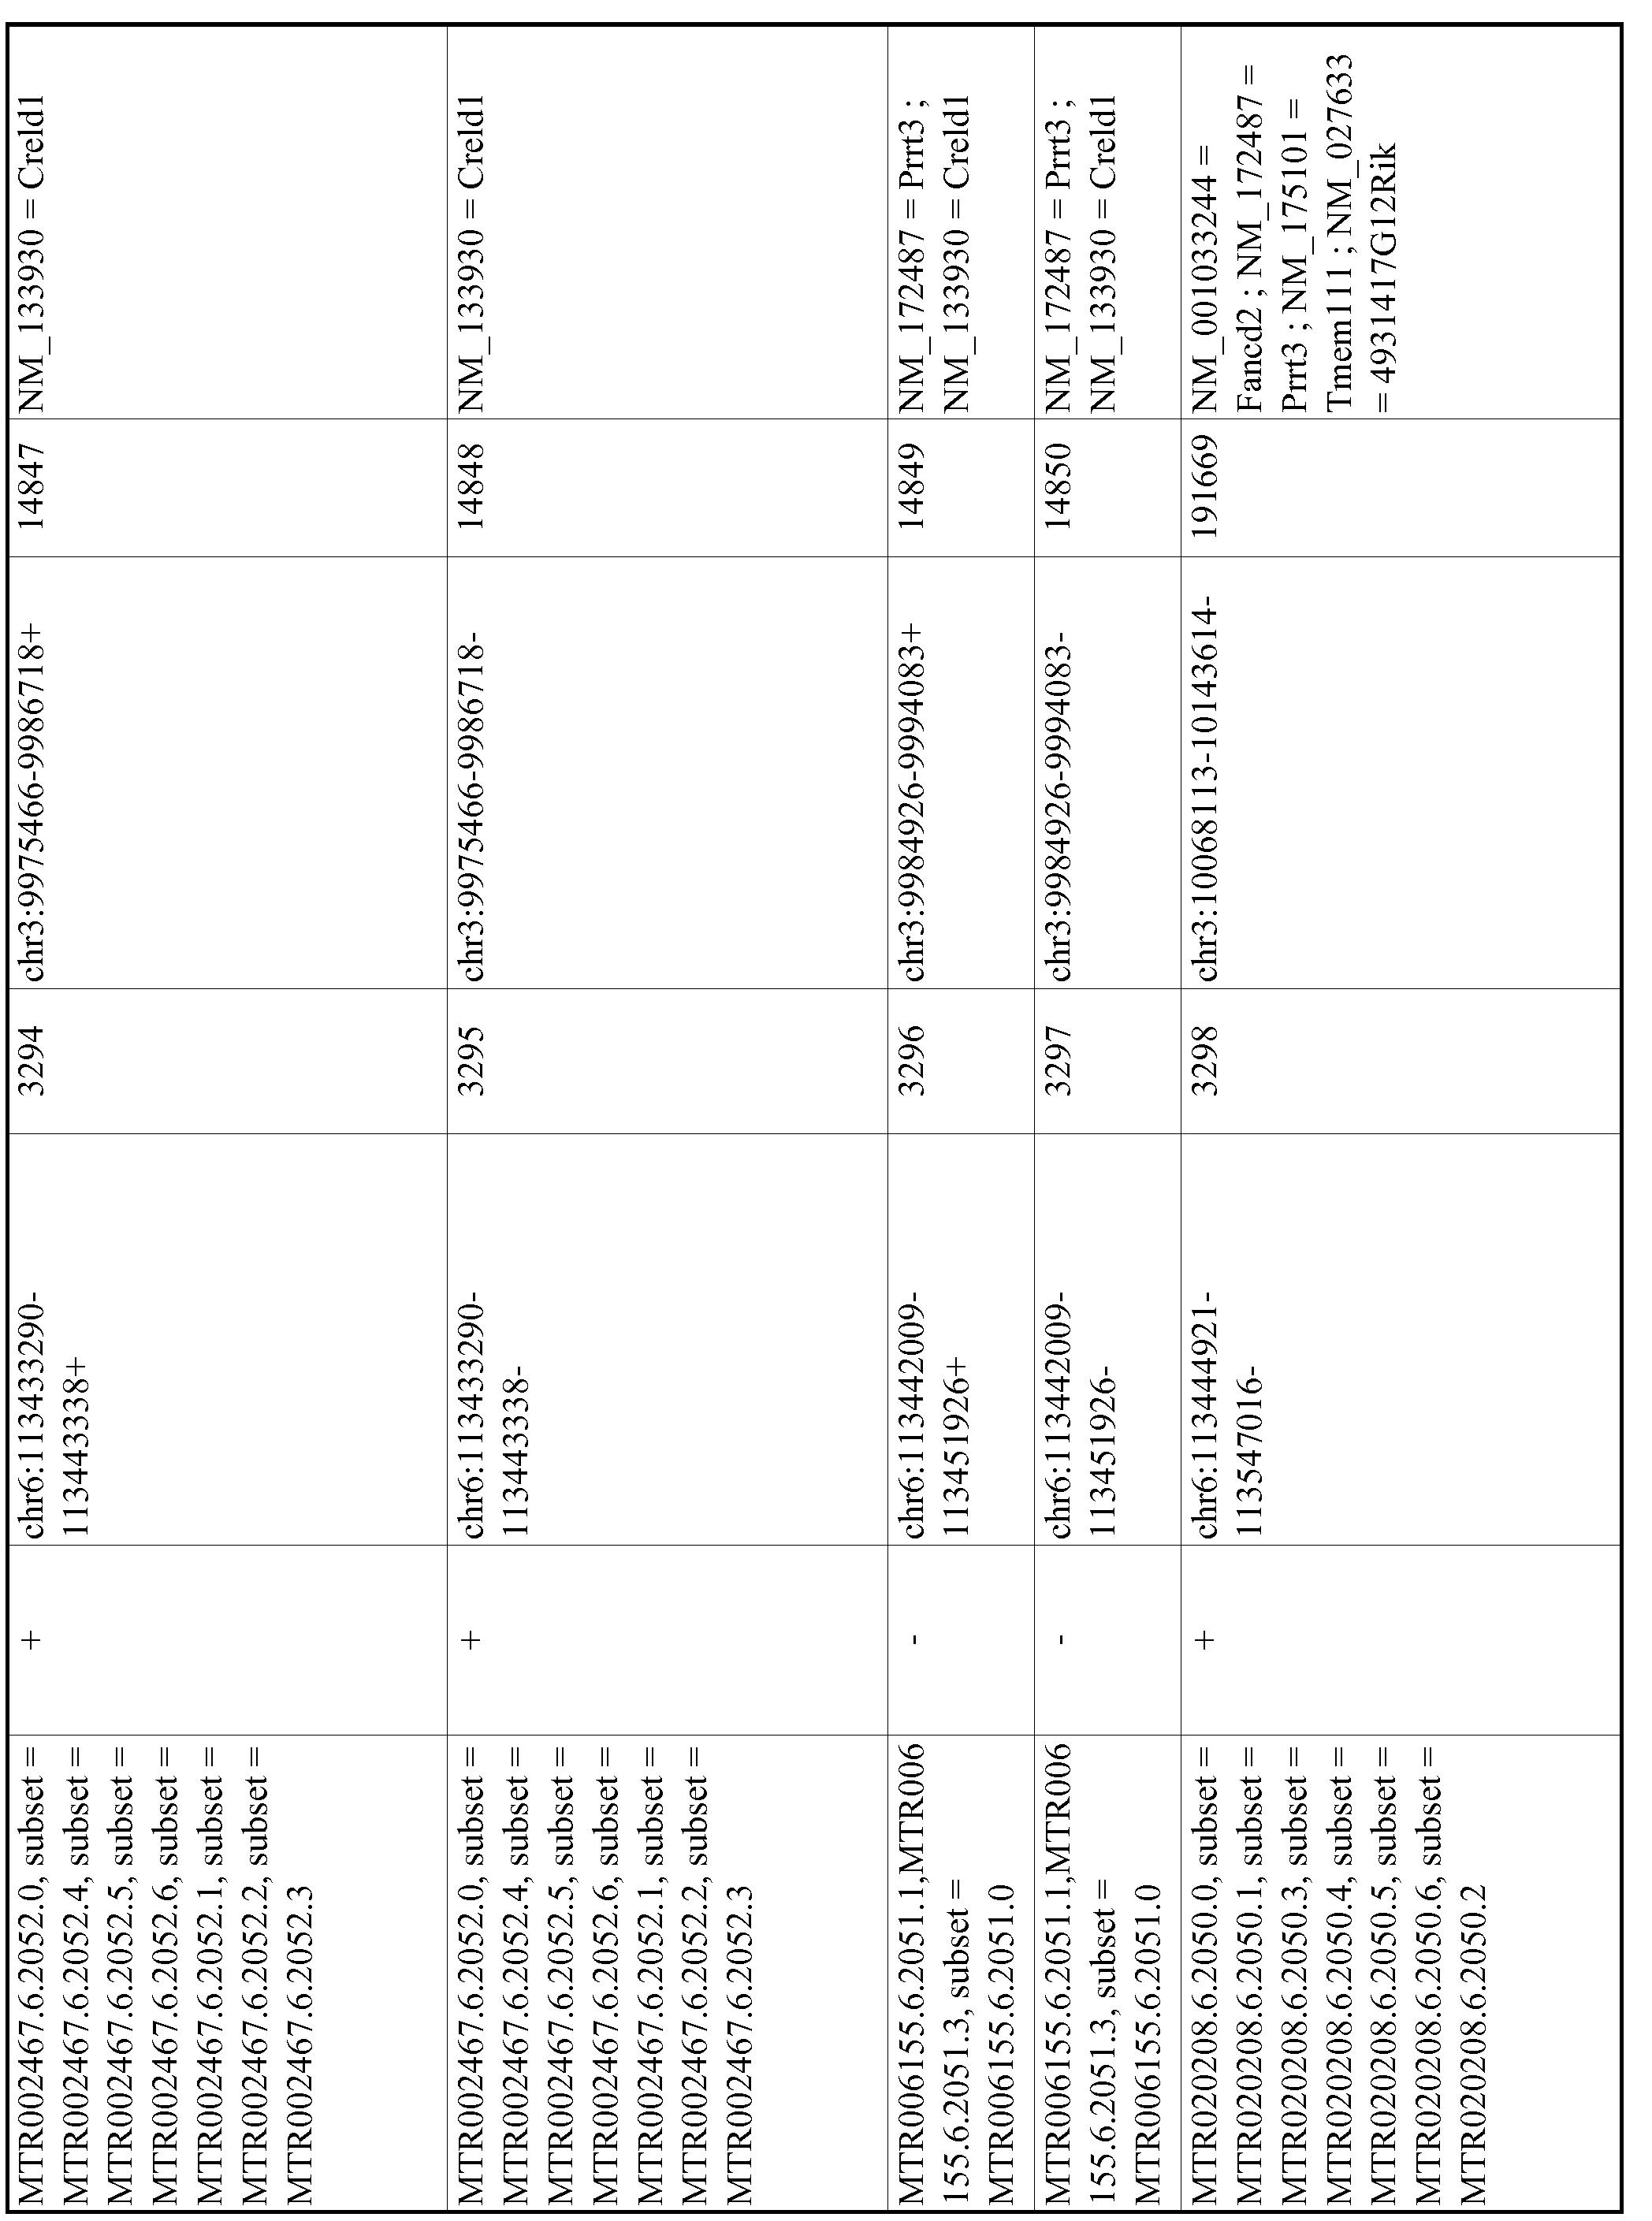 Figure imgf000652_0001